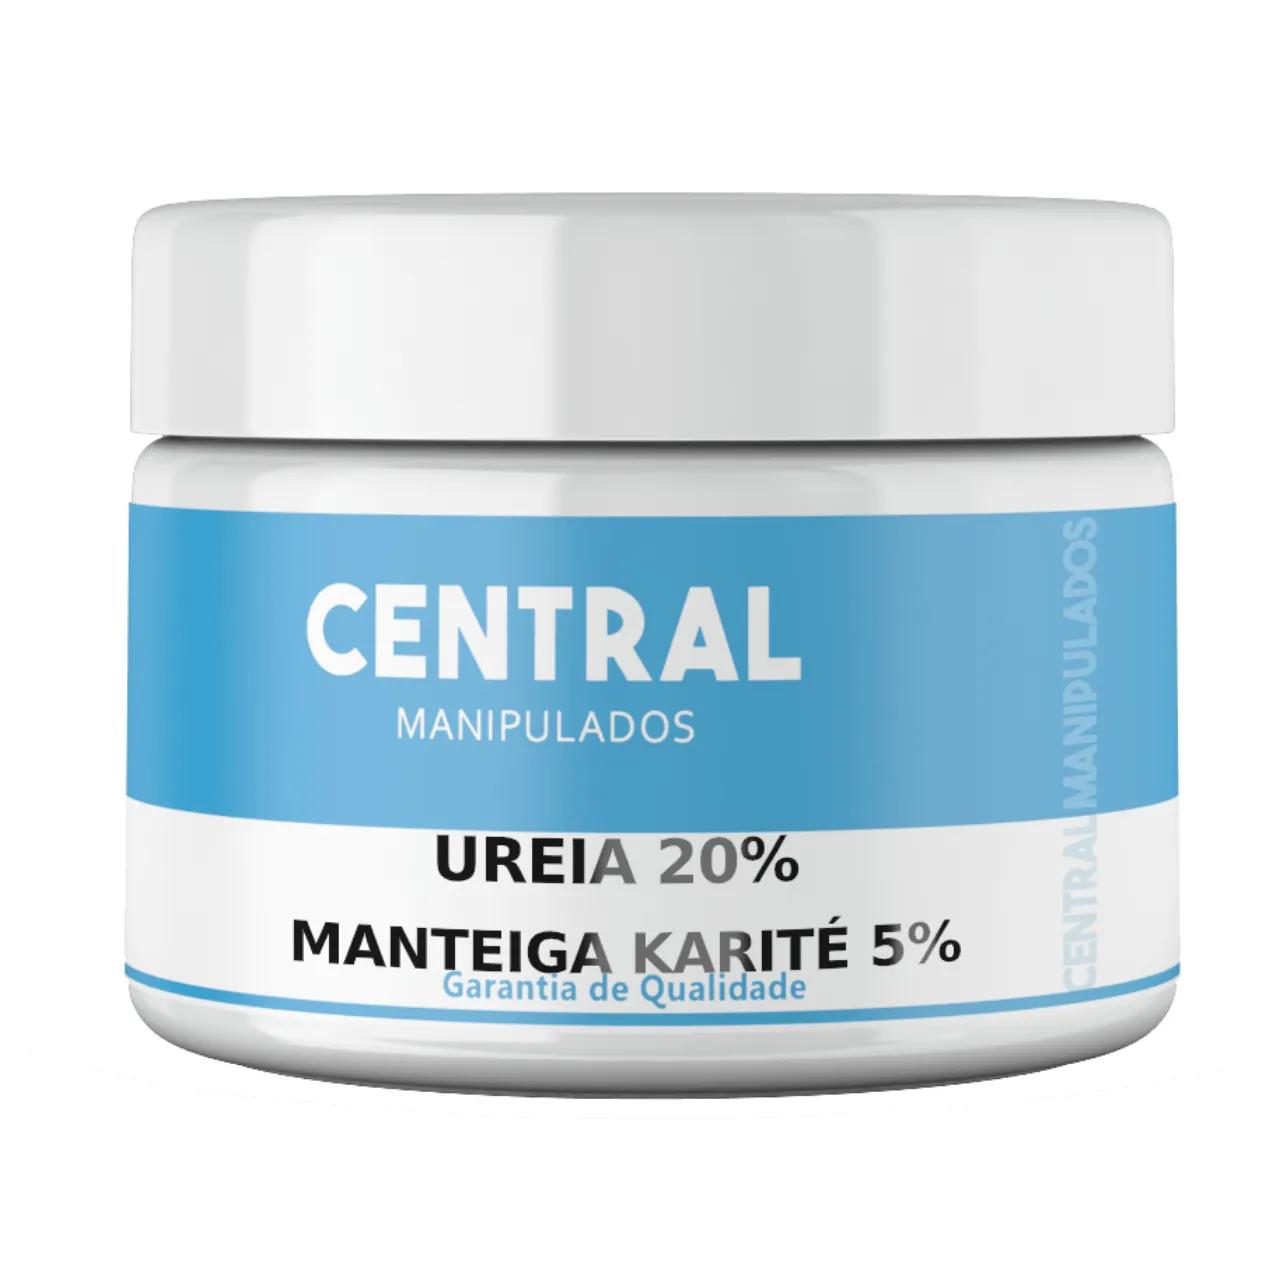 Ureia 20% + Manteiga de Karité 5% + Glicerina 10% - 100gramas Creme - Previne o Ressecamento, Antioxidante, Protege a Pele